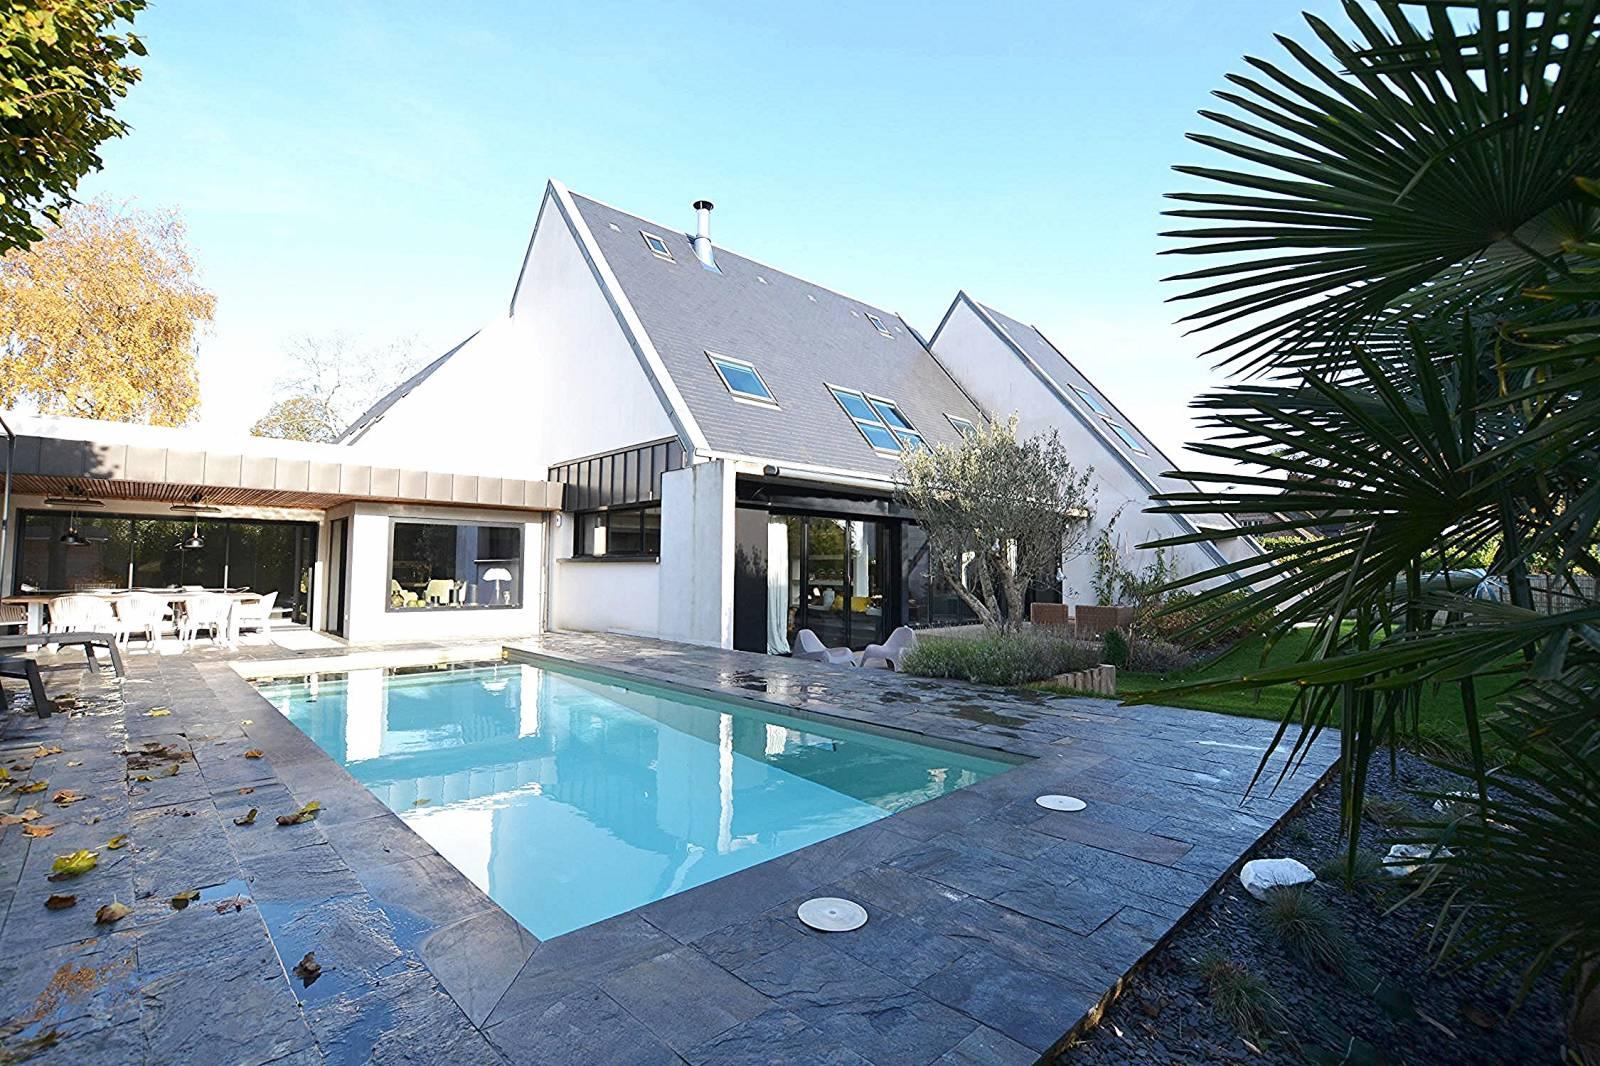 A Vendre Magnifique Maison D'architecte Avec Piscine Sur La ... intérieur Maison A Vendre Avec Piscine